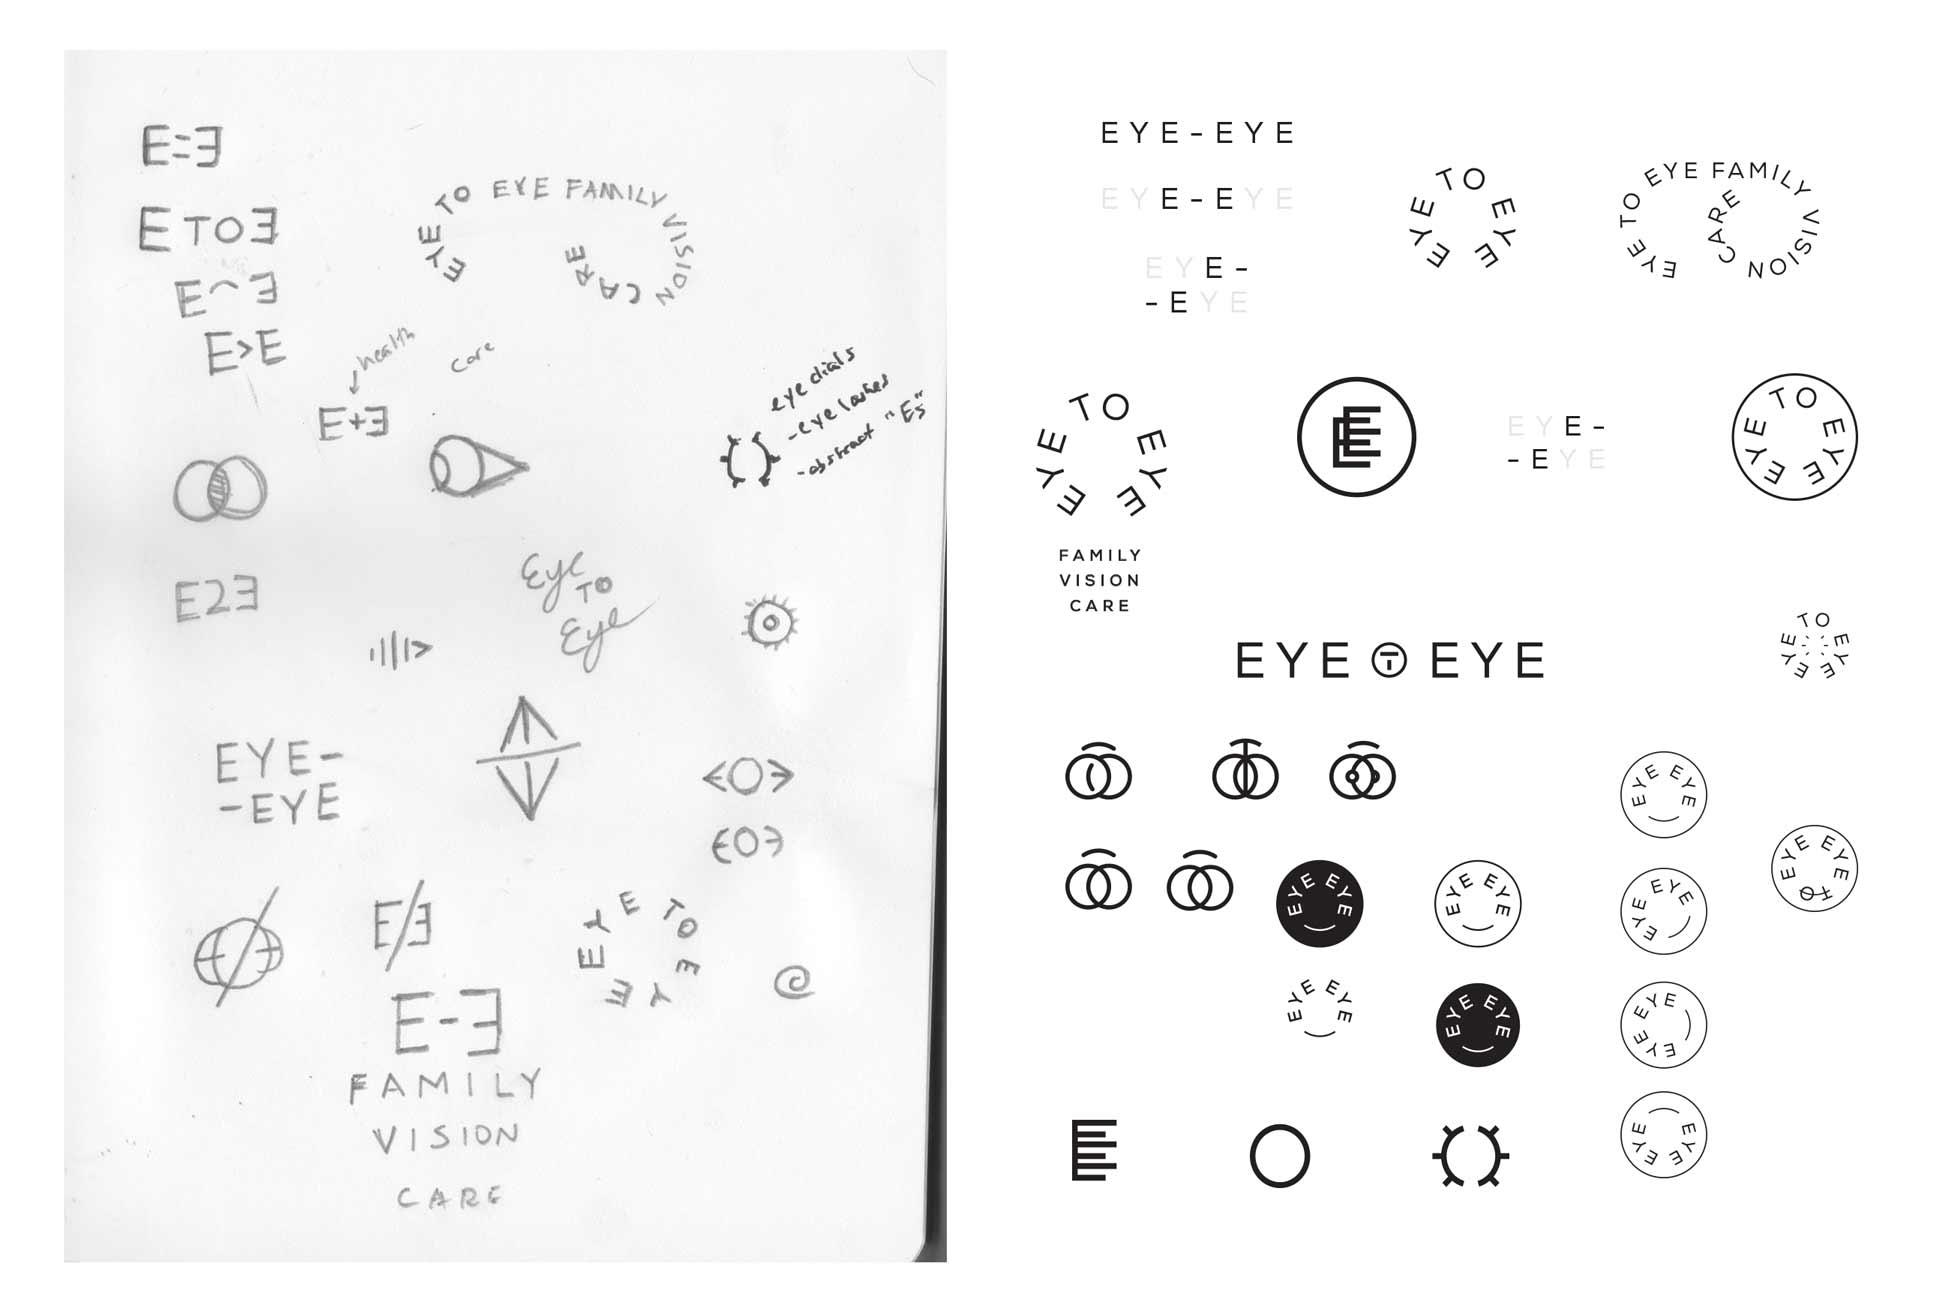 eyetoeye_sketches-explorations.jpg